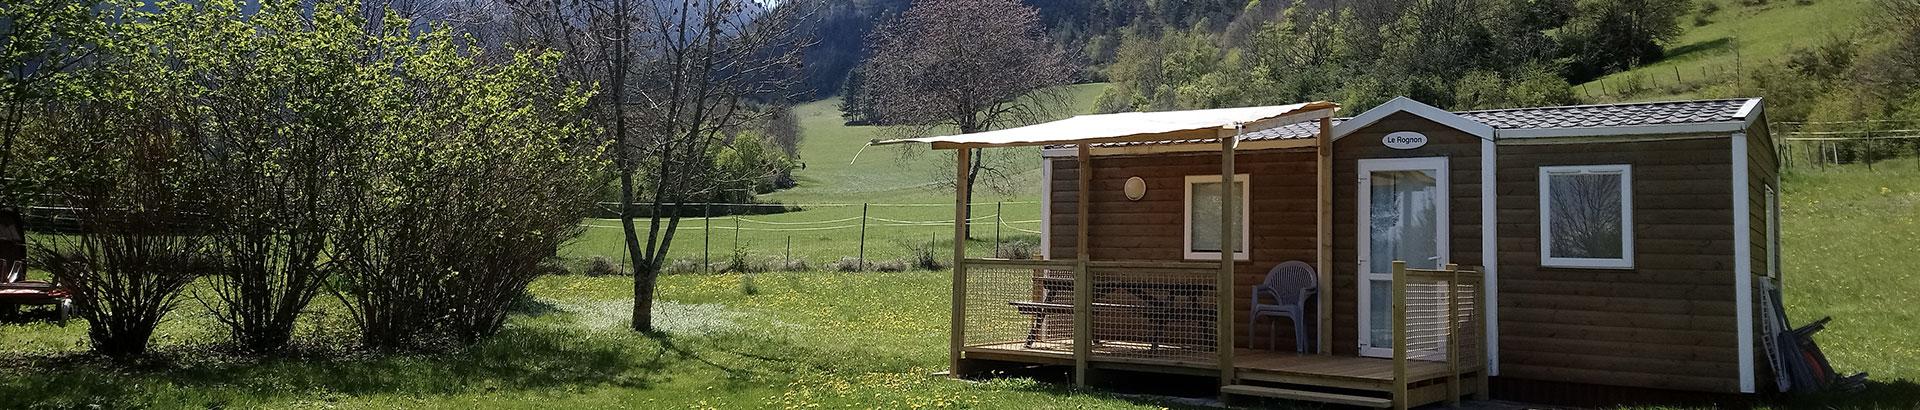 Camping Belleroche Hebergements